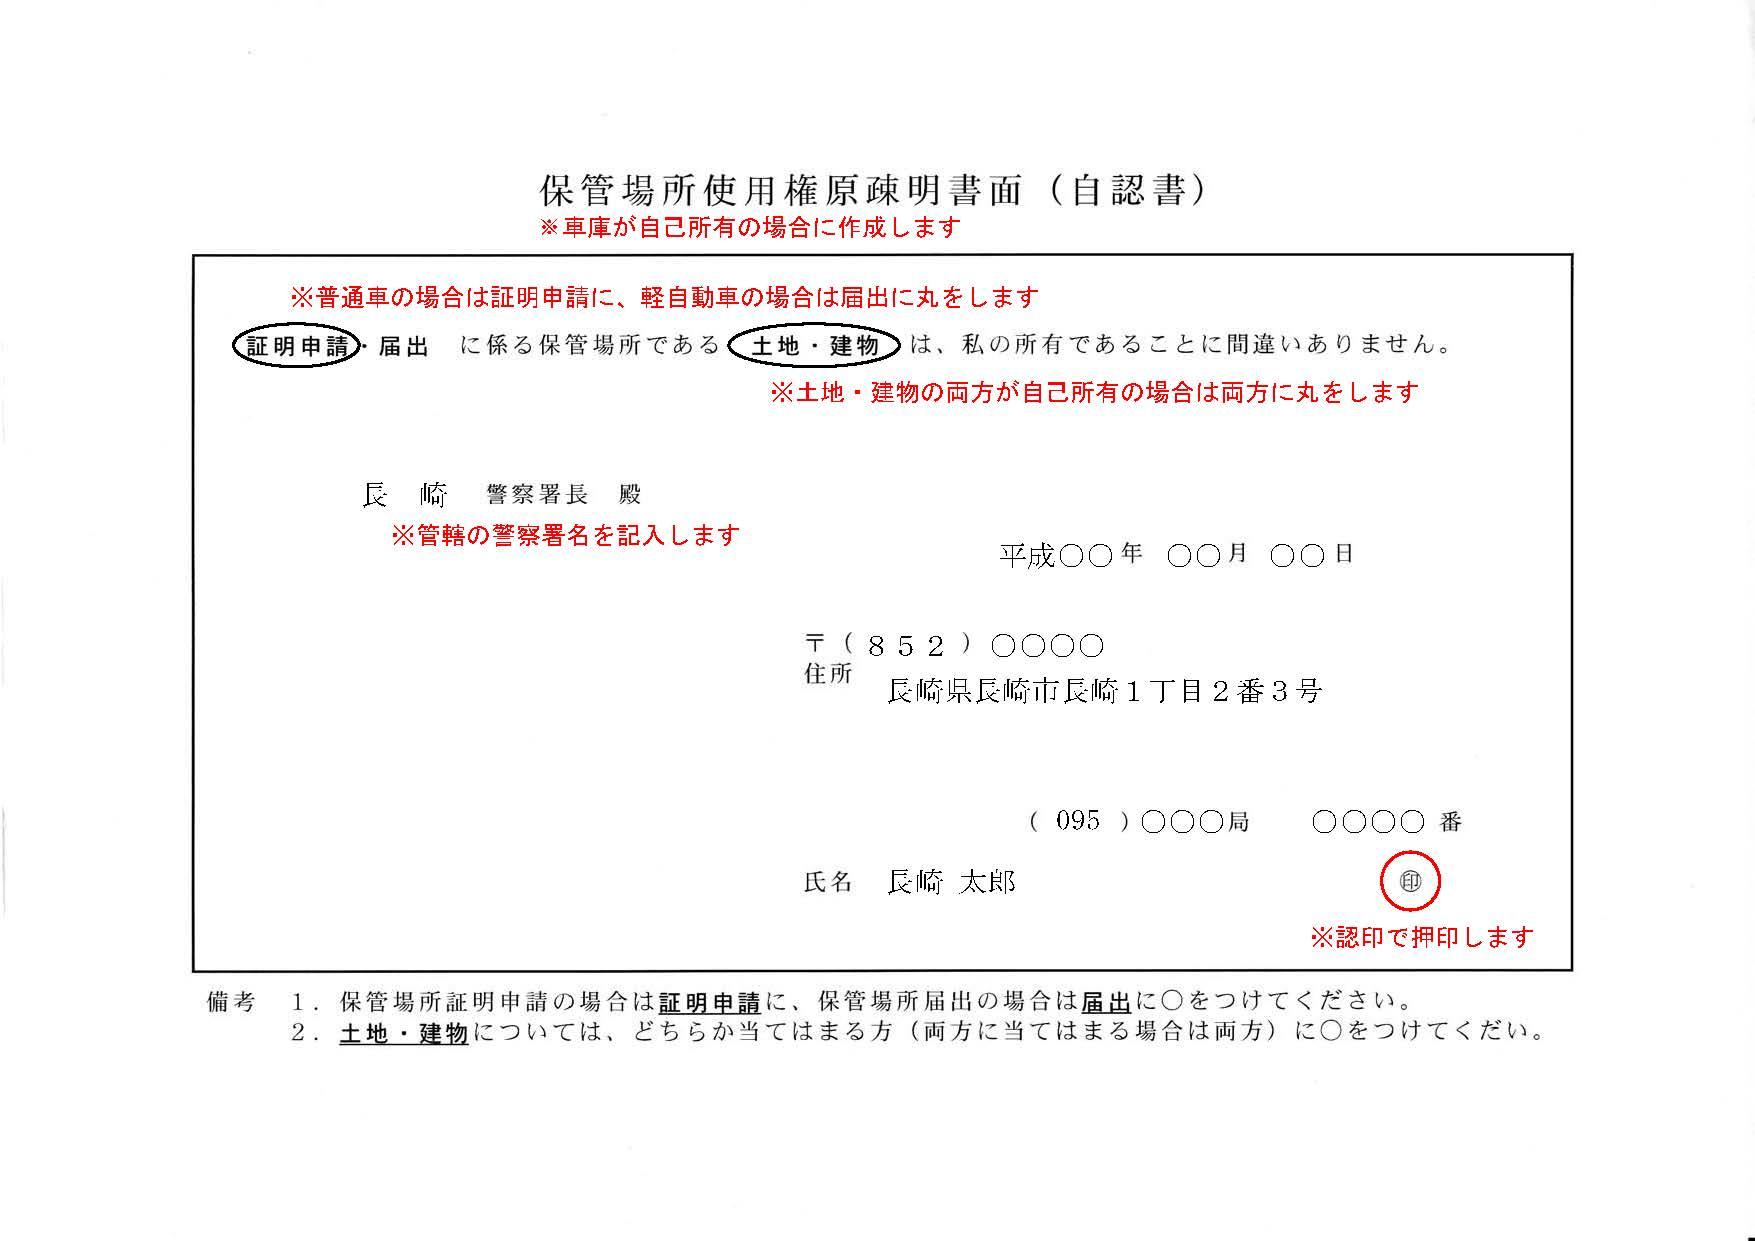 長崎の自認書(保管場所使用権限疎明書面)の記入例